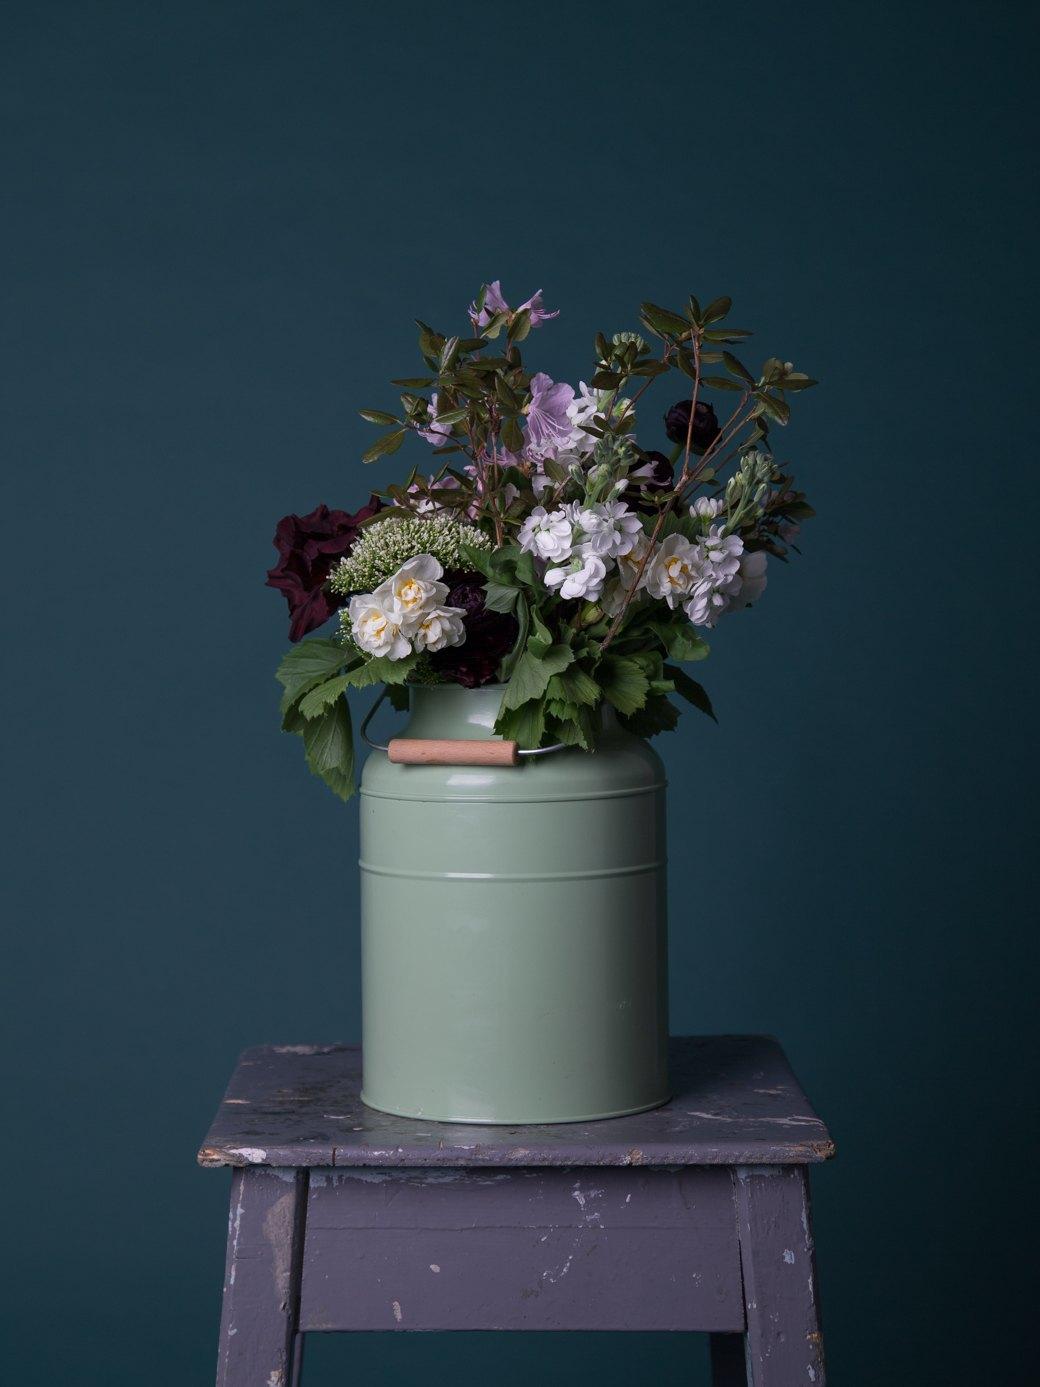 Сколько стоит букет цветов?. Изображение № 10.